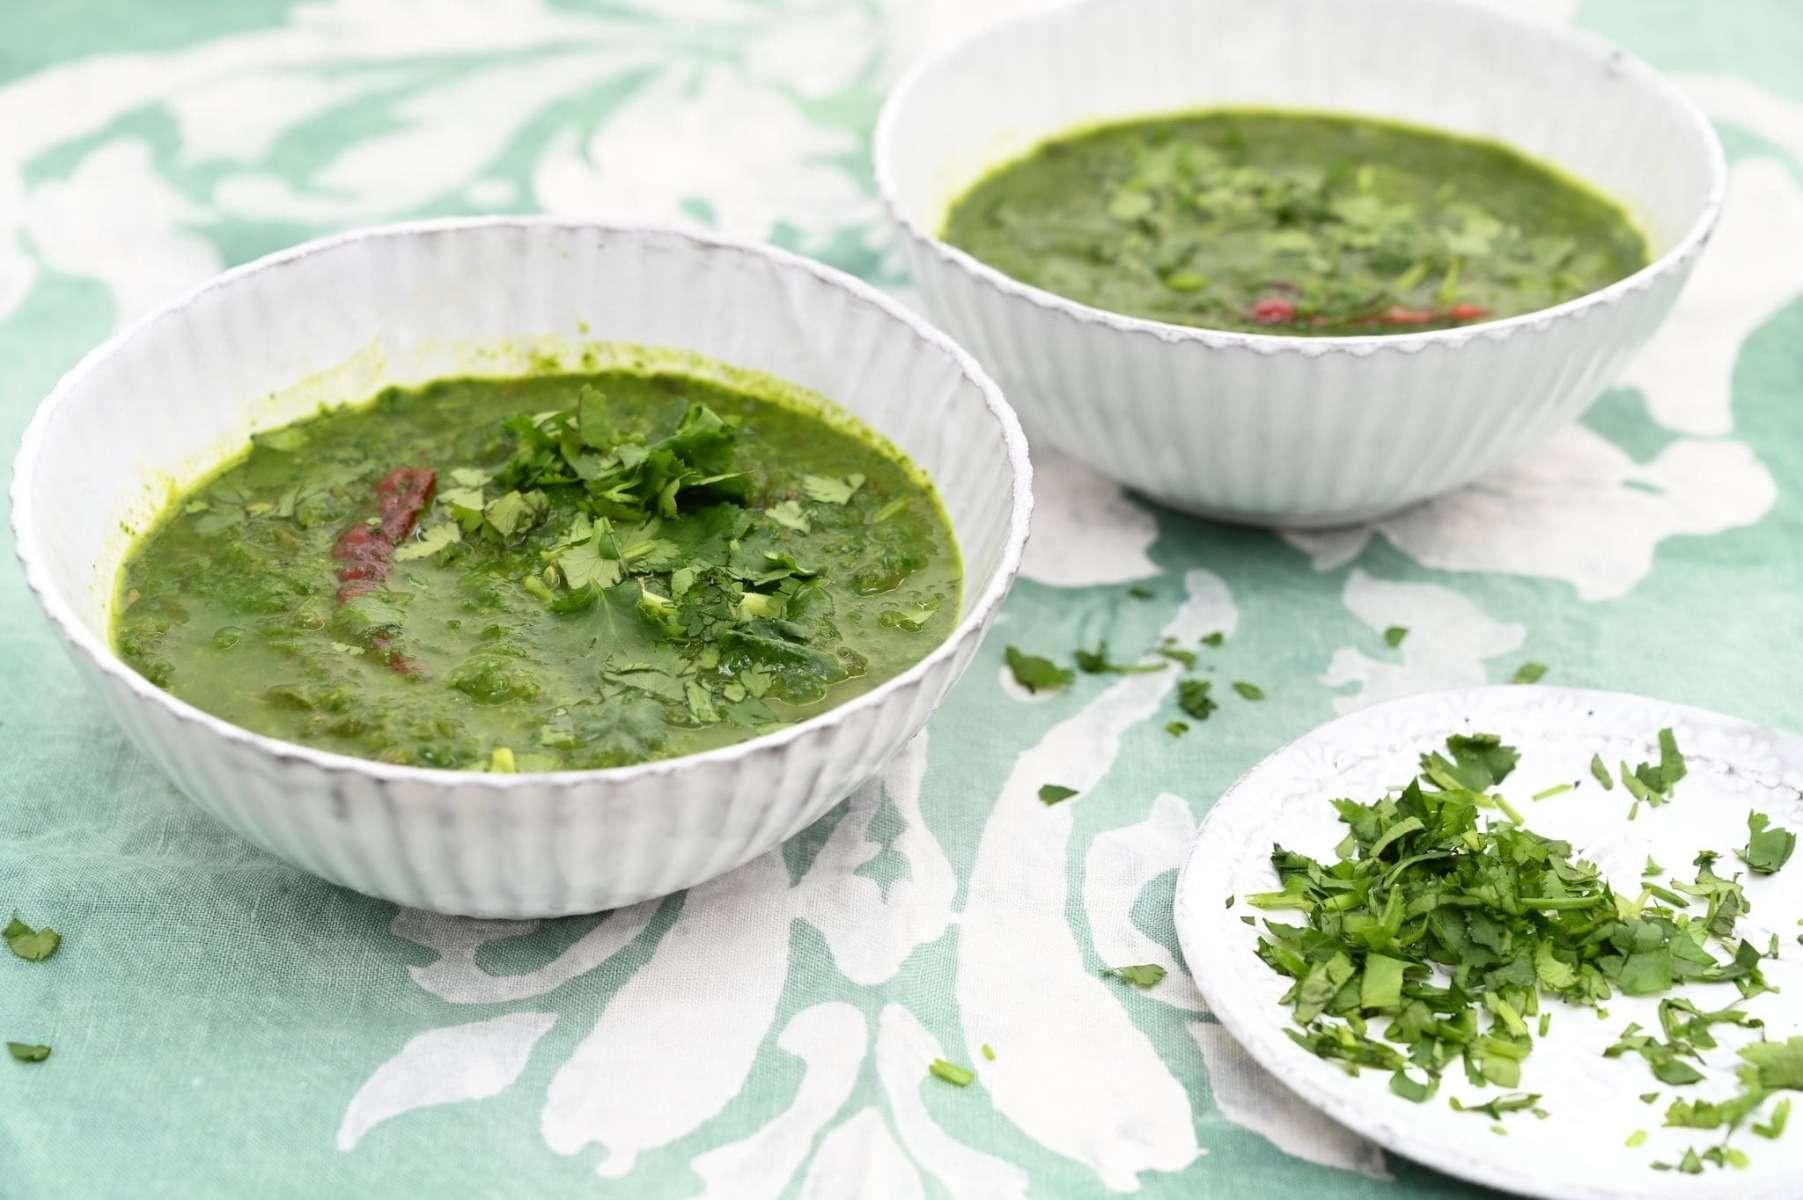 Tarka Kale & Spinach